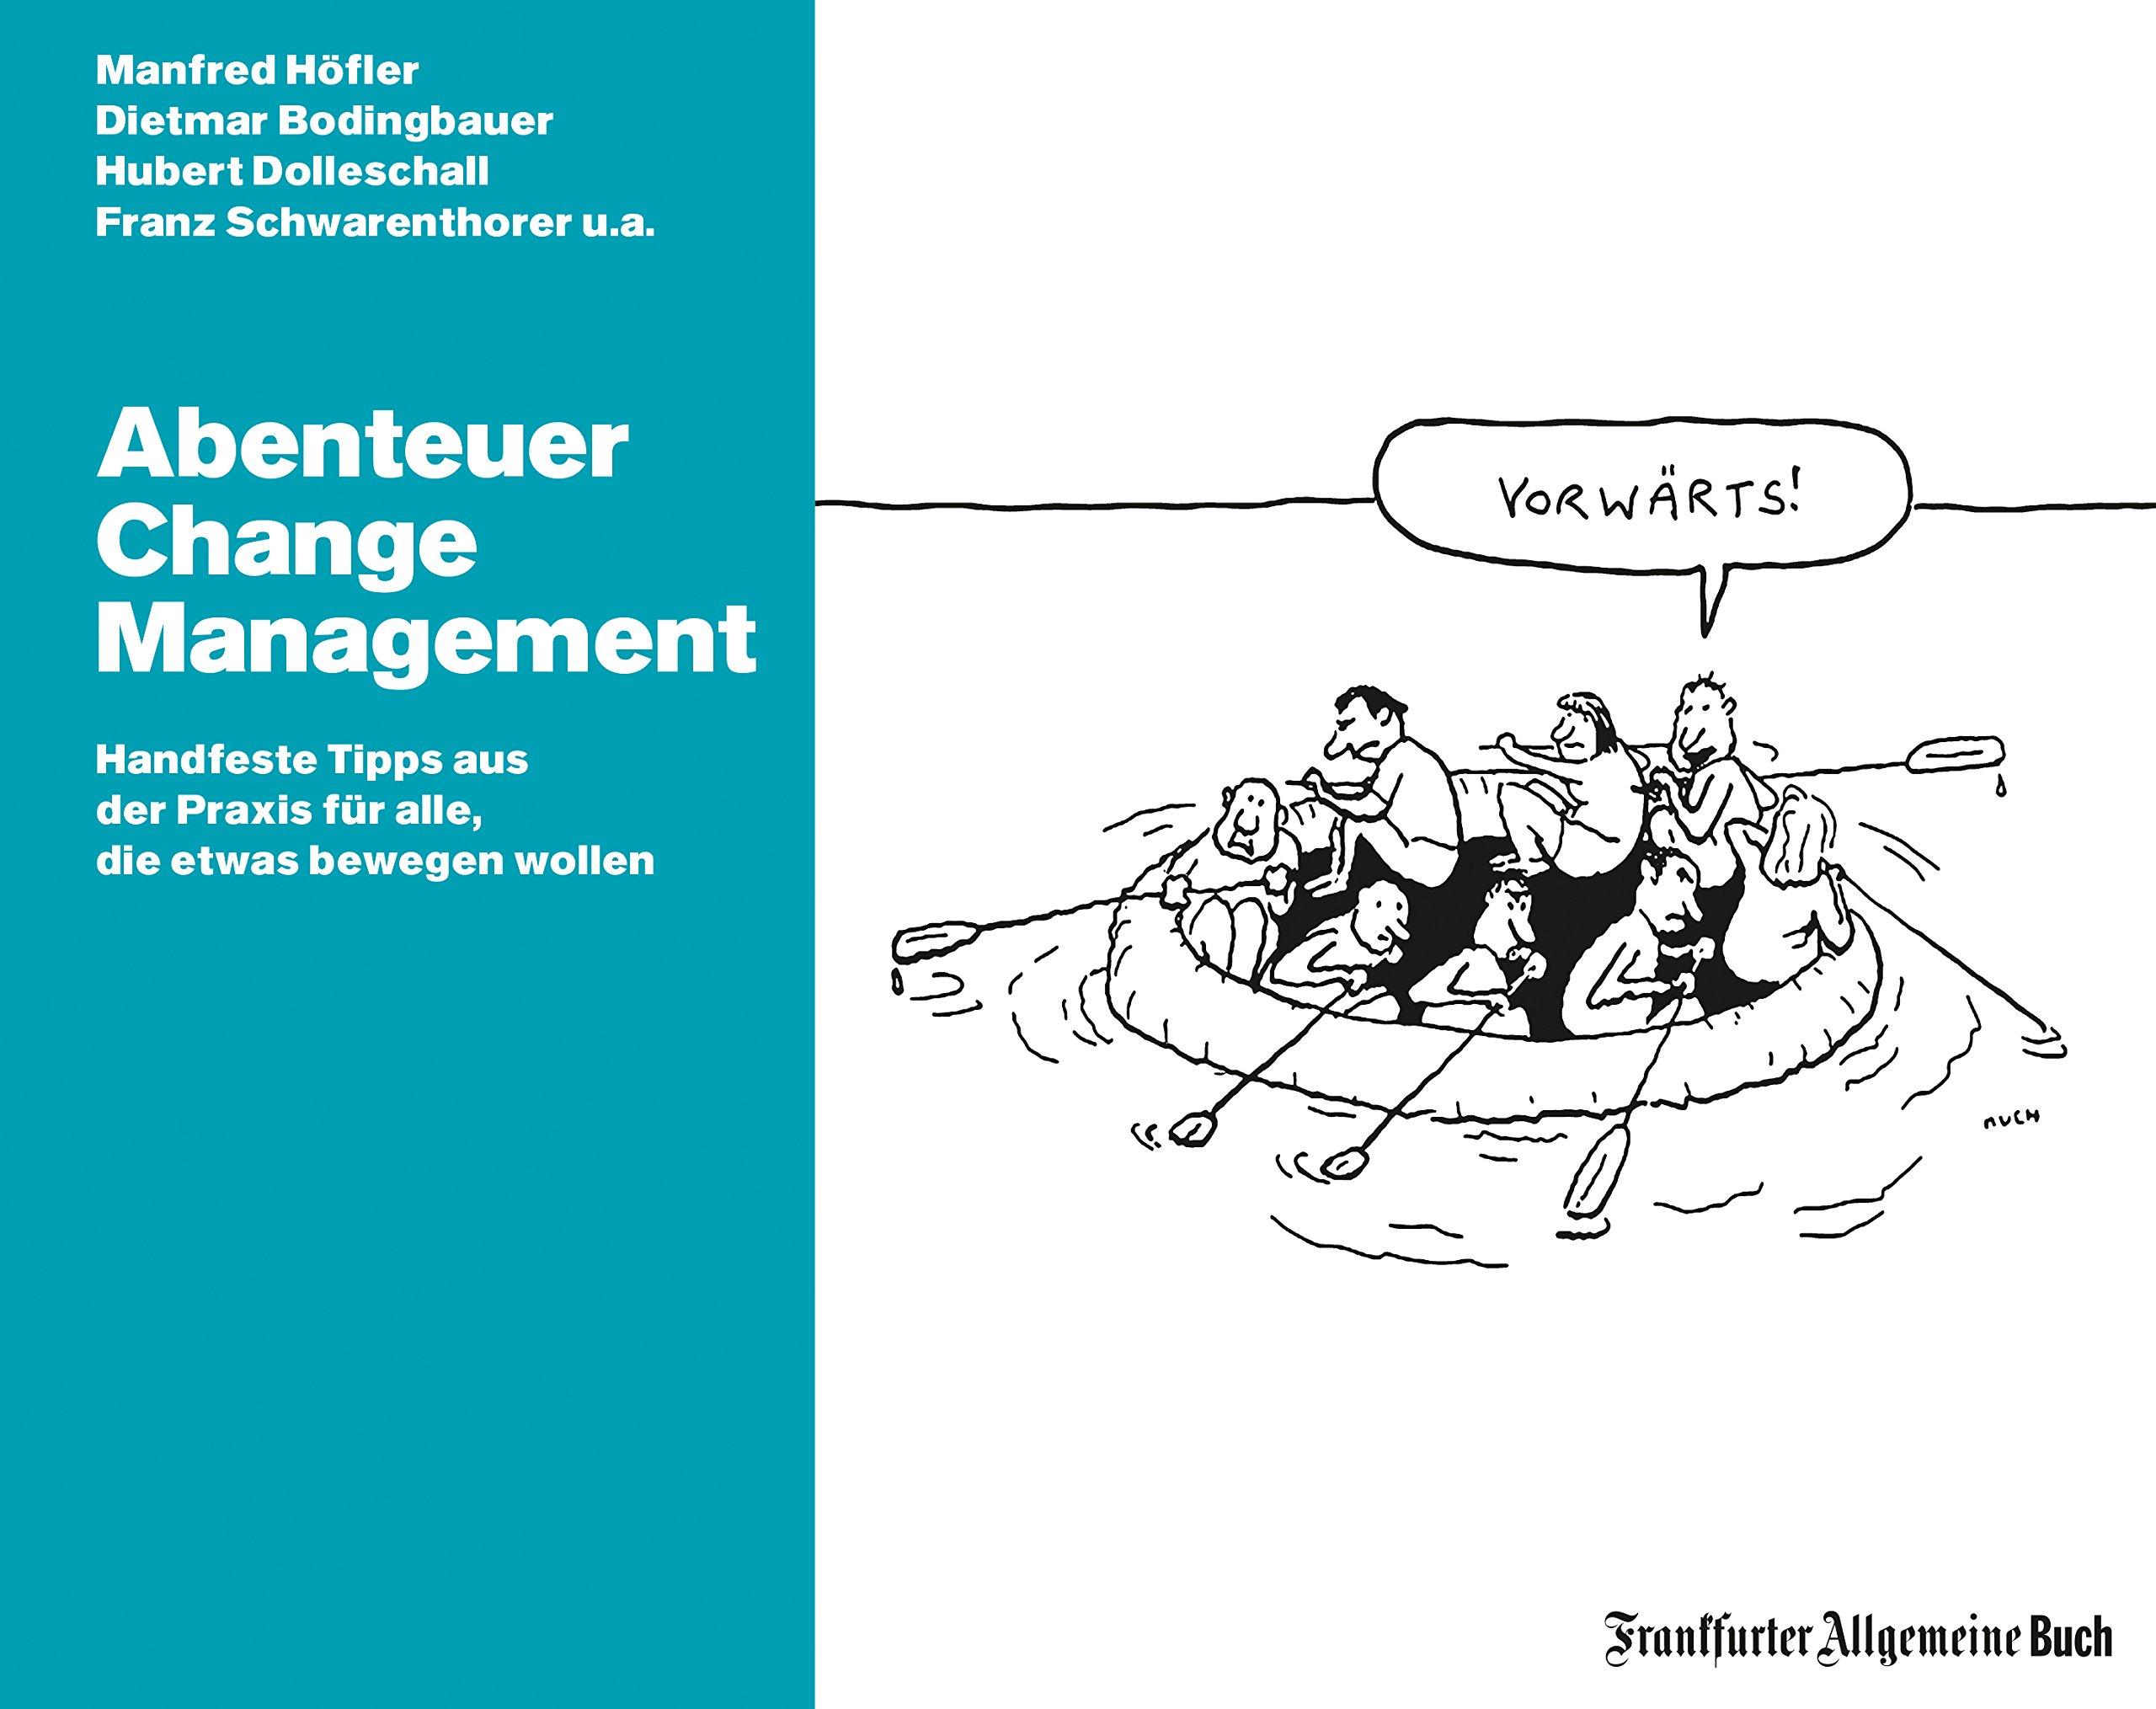 Abenteuer Change Management: Handfeste Tipps aus der Praxis für alle, die etwas bewegen wollen Gebundenes Buch – 12. Juli 2018 Manfred Höfler Franz Schwarenthorer Hubert Dolleschall Dietmar Bodingbauer